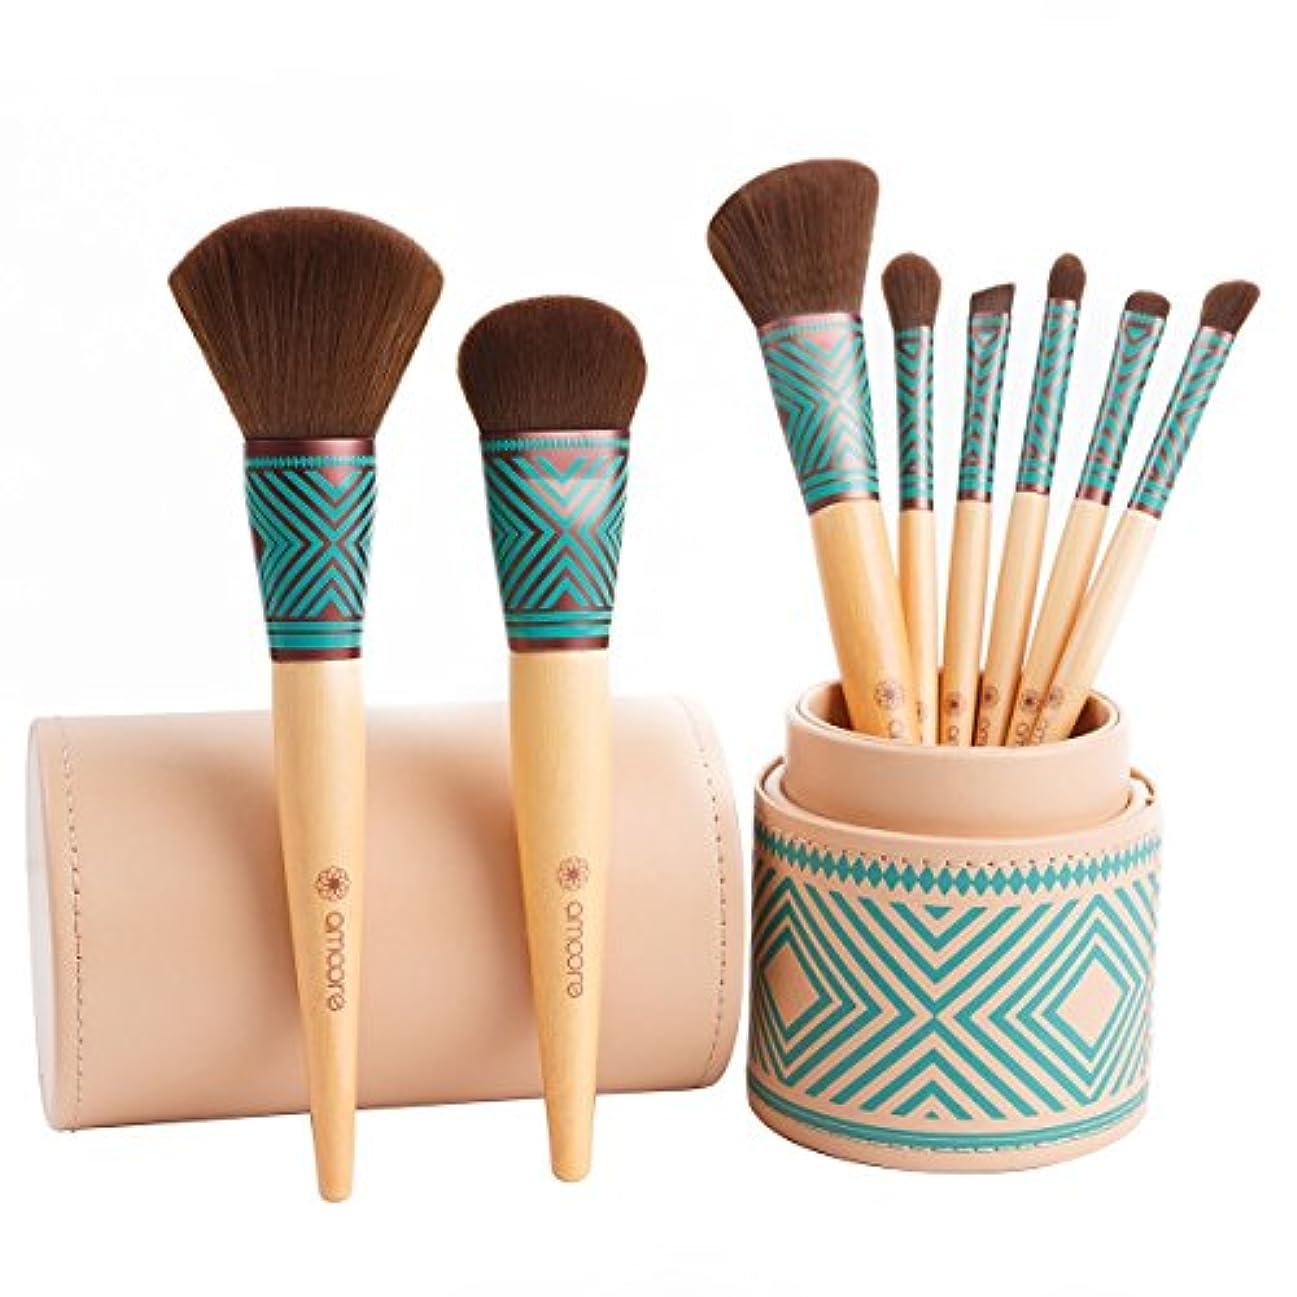 極めて解決するディスカウントamoore 8本 化粧筆 メイクブラシセット 化粧ブラシ セット コスメ ブラシ 収納ケース付き